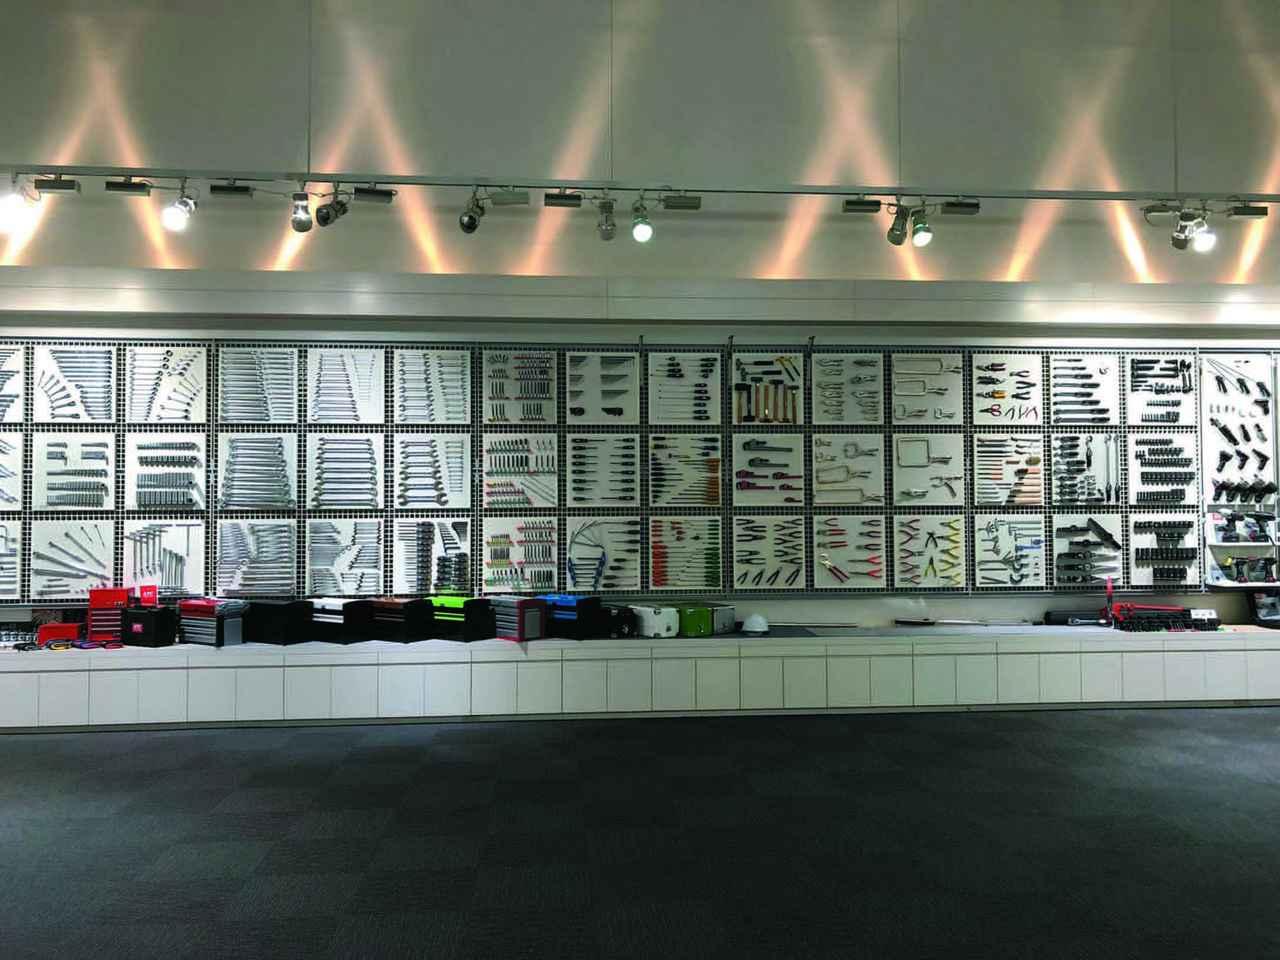 画像: 「KTCものづくり技術館」の壁一面にディスプレイされた多くの工具には圧倒される。KTCの製品数は1万2000点以上あり、これはほんの一部である。